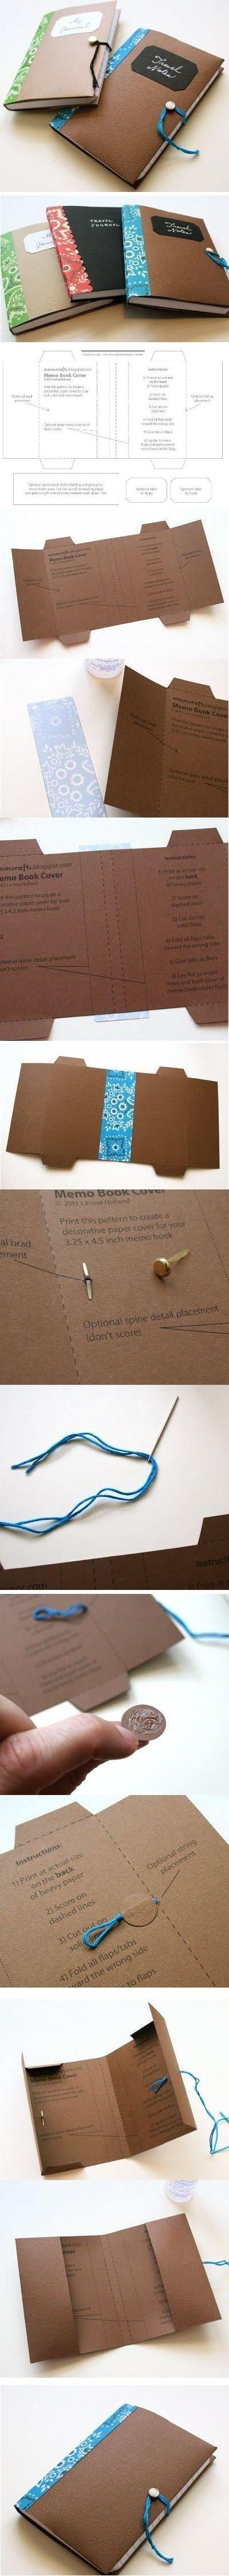 Diario decorado, agenda o libro de apuntes. Plantilla imprimible - Free Printable Template For A Handmade/Decorated Journal, Dayplanner or Memo Book.                                                                                                                                                      More